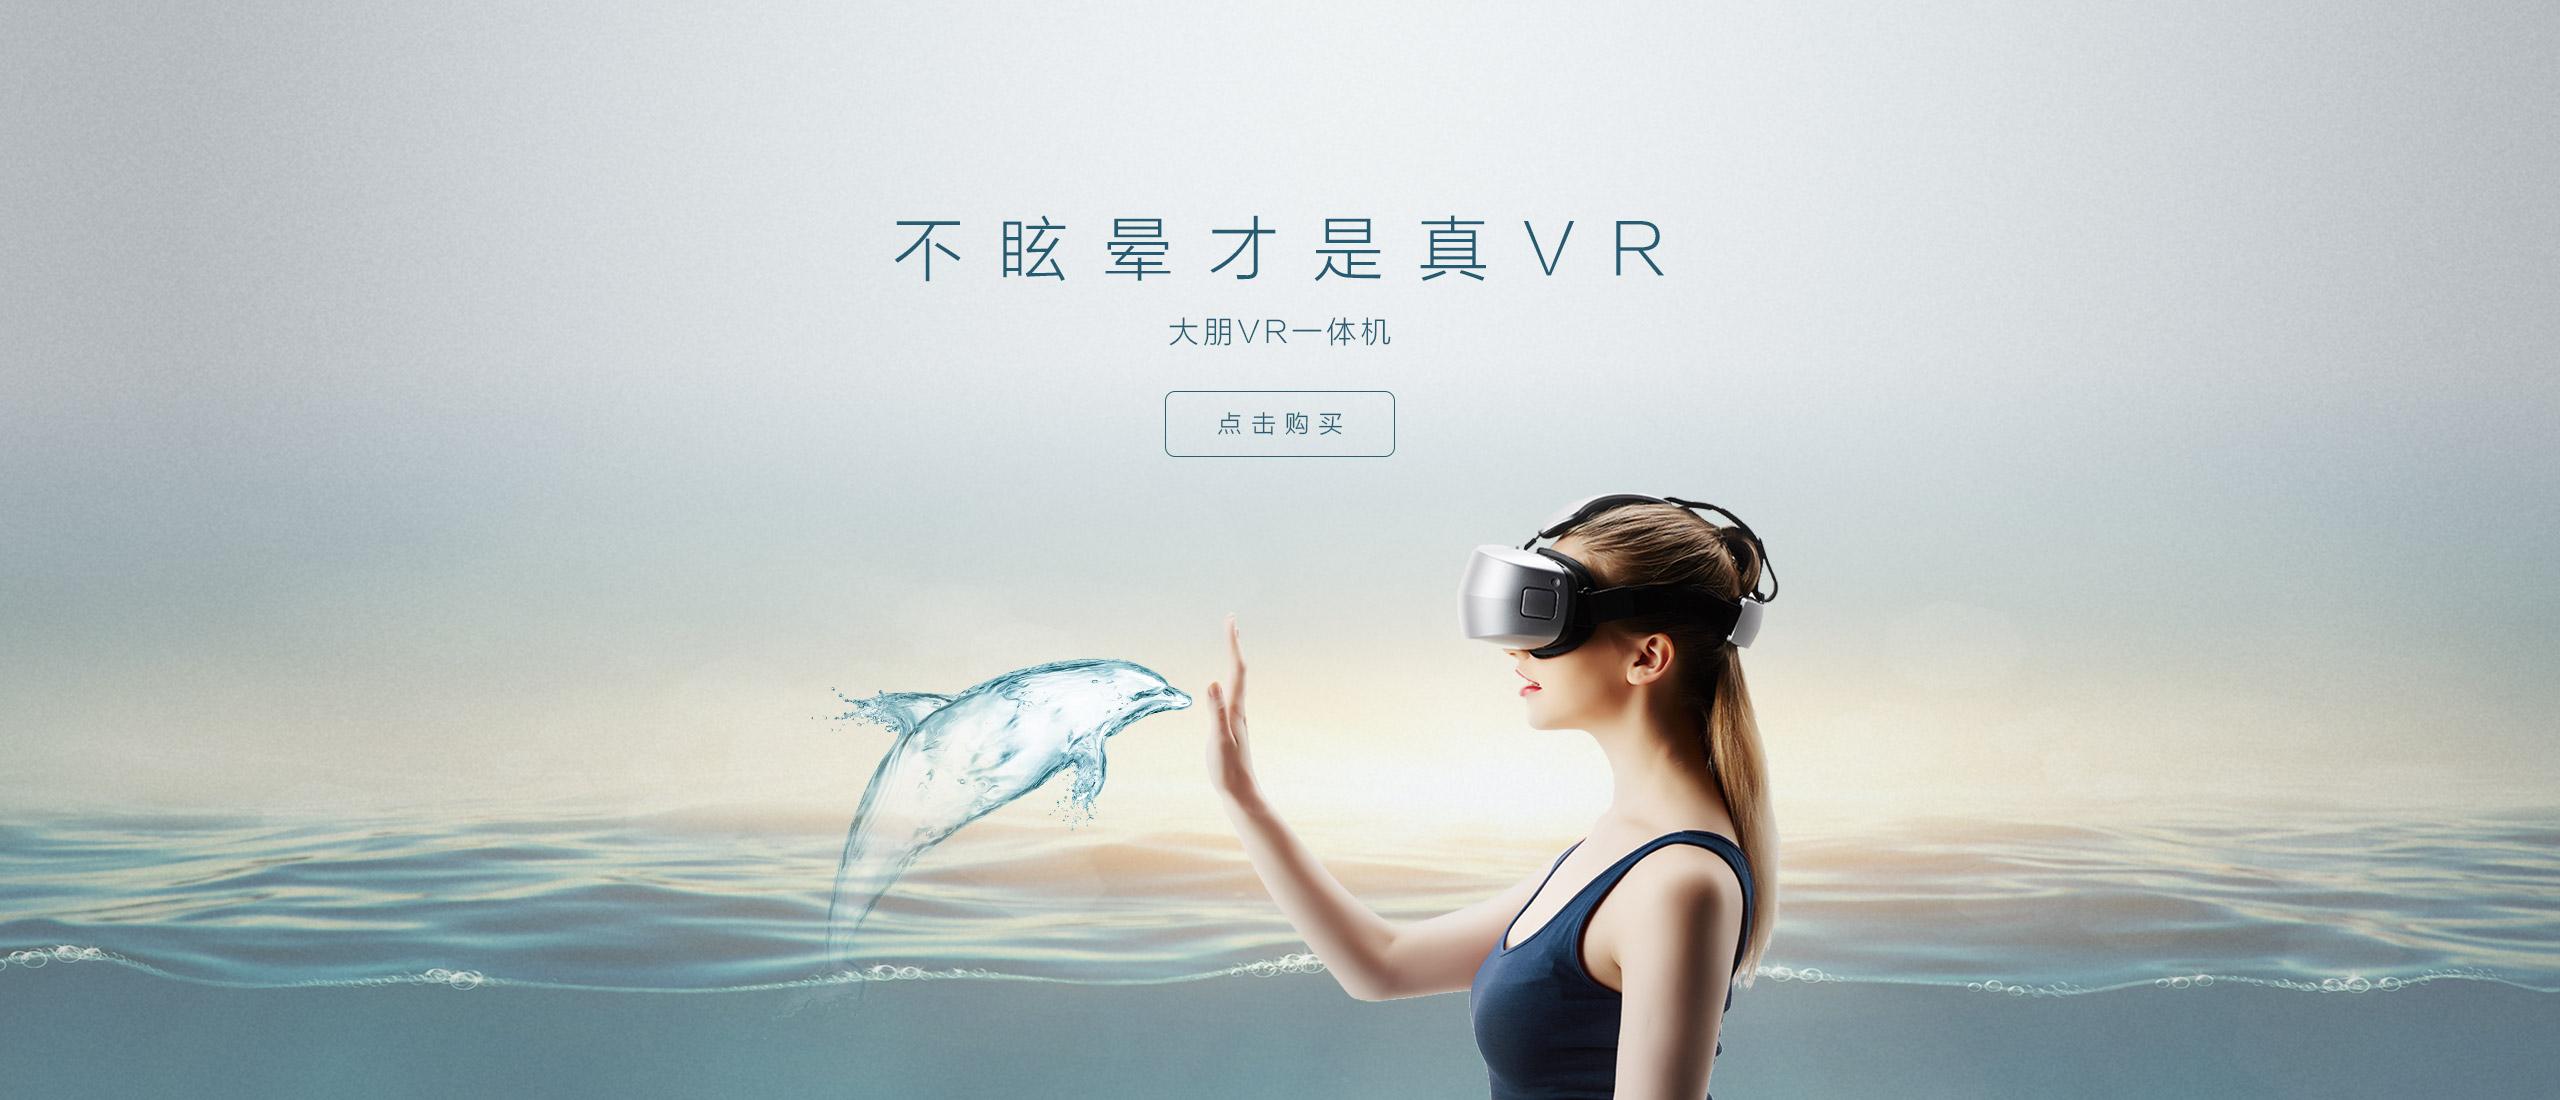 大朋VR一体机-商城